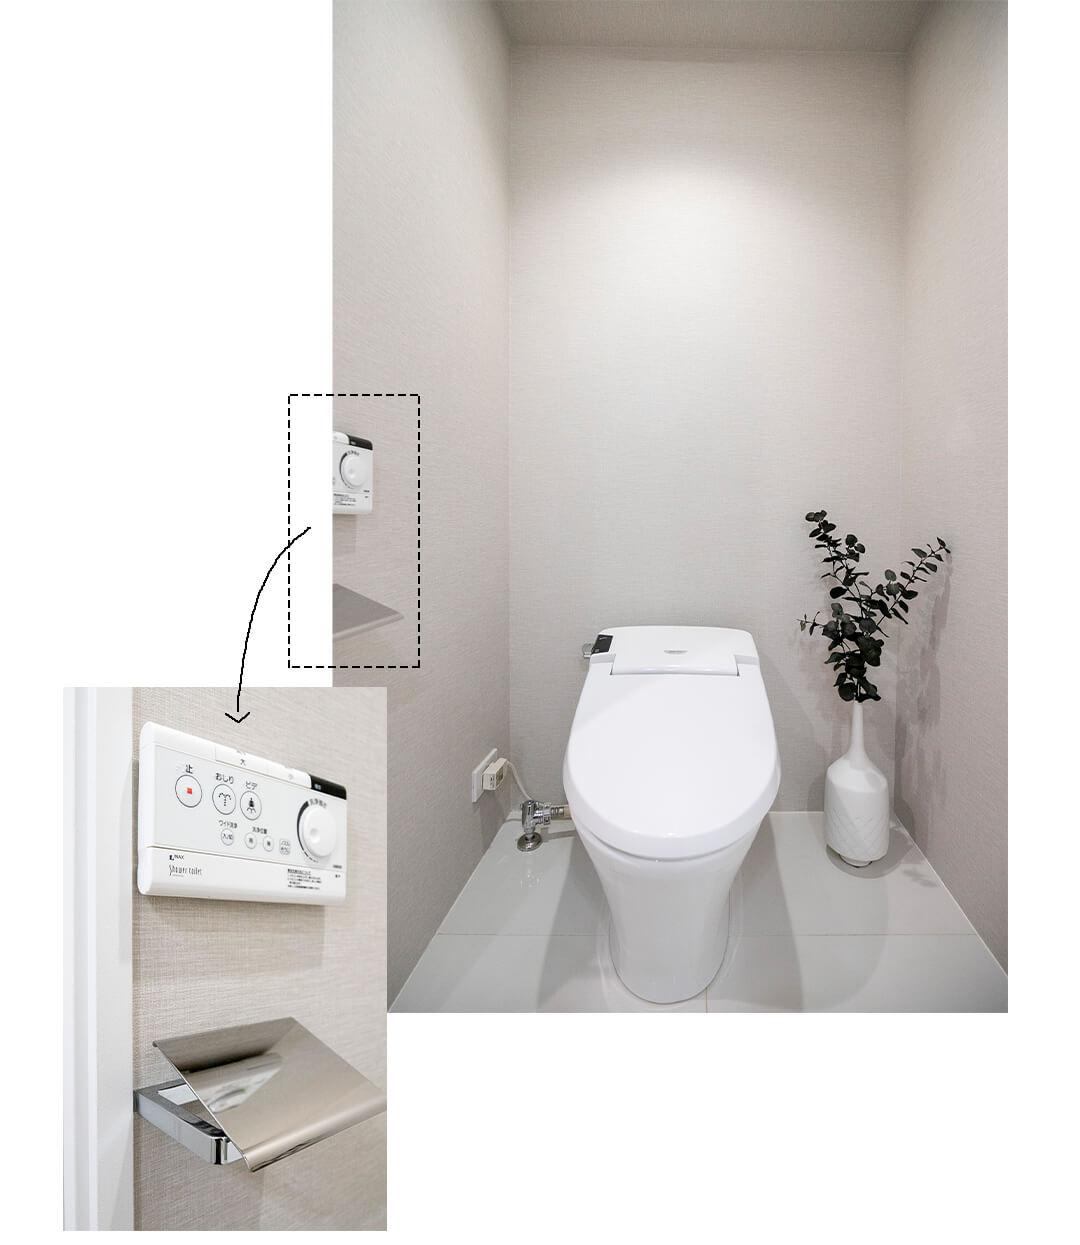 セルフィスタ渋谷のトイレ